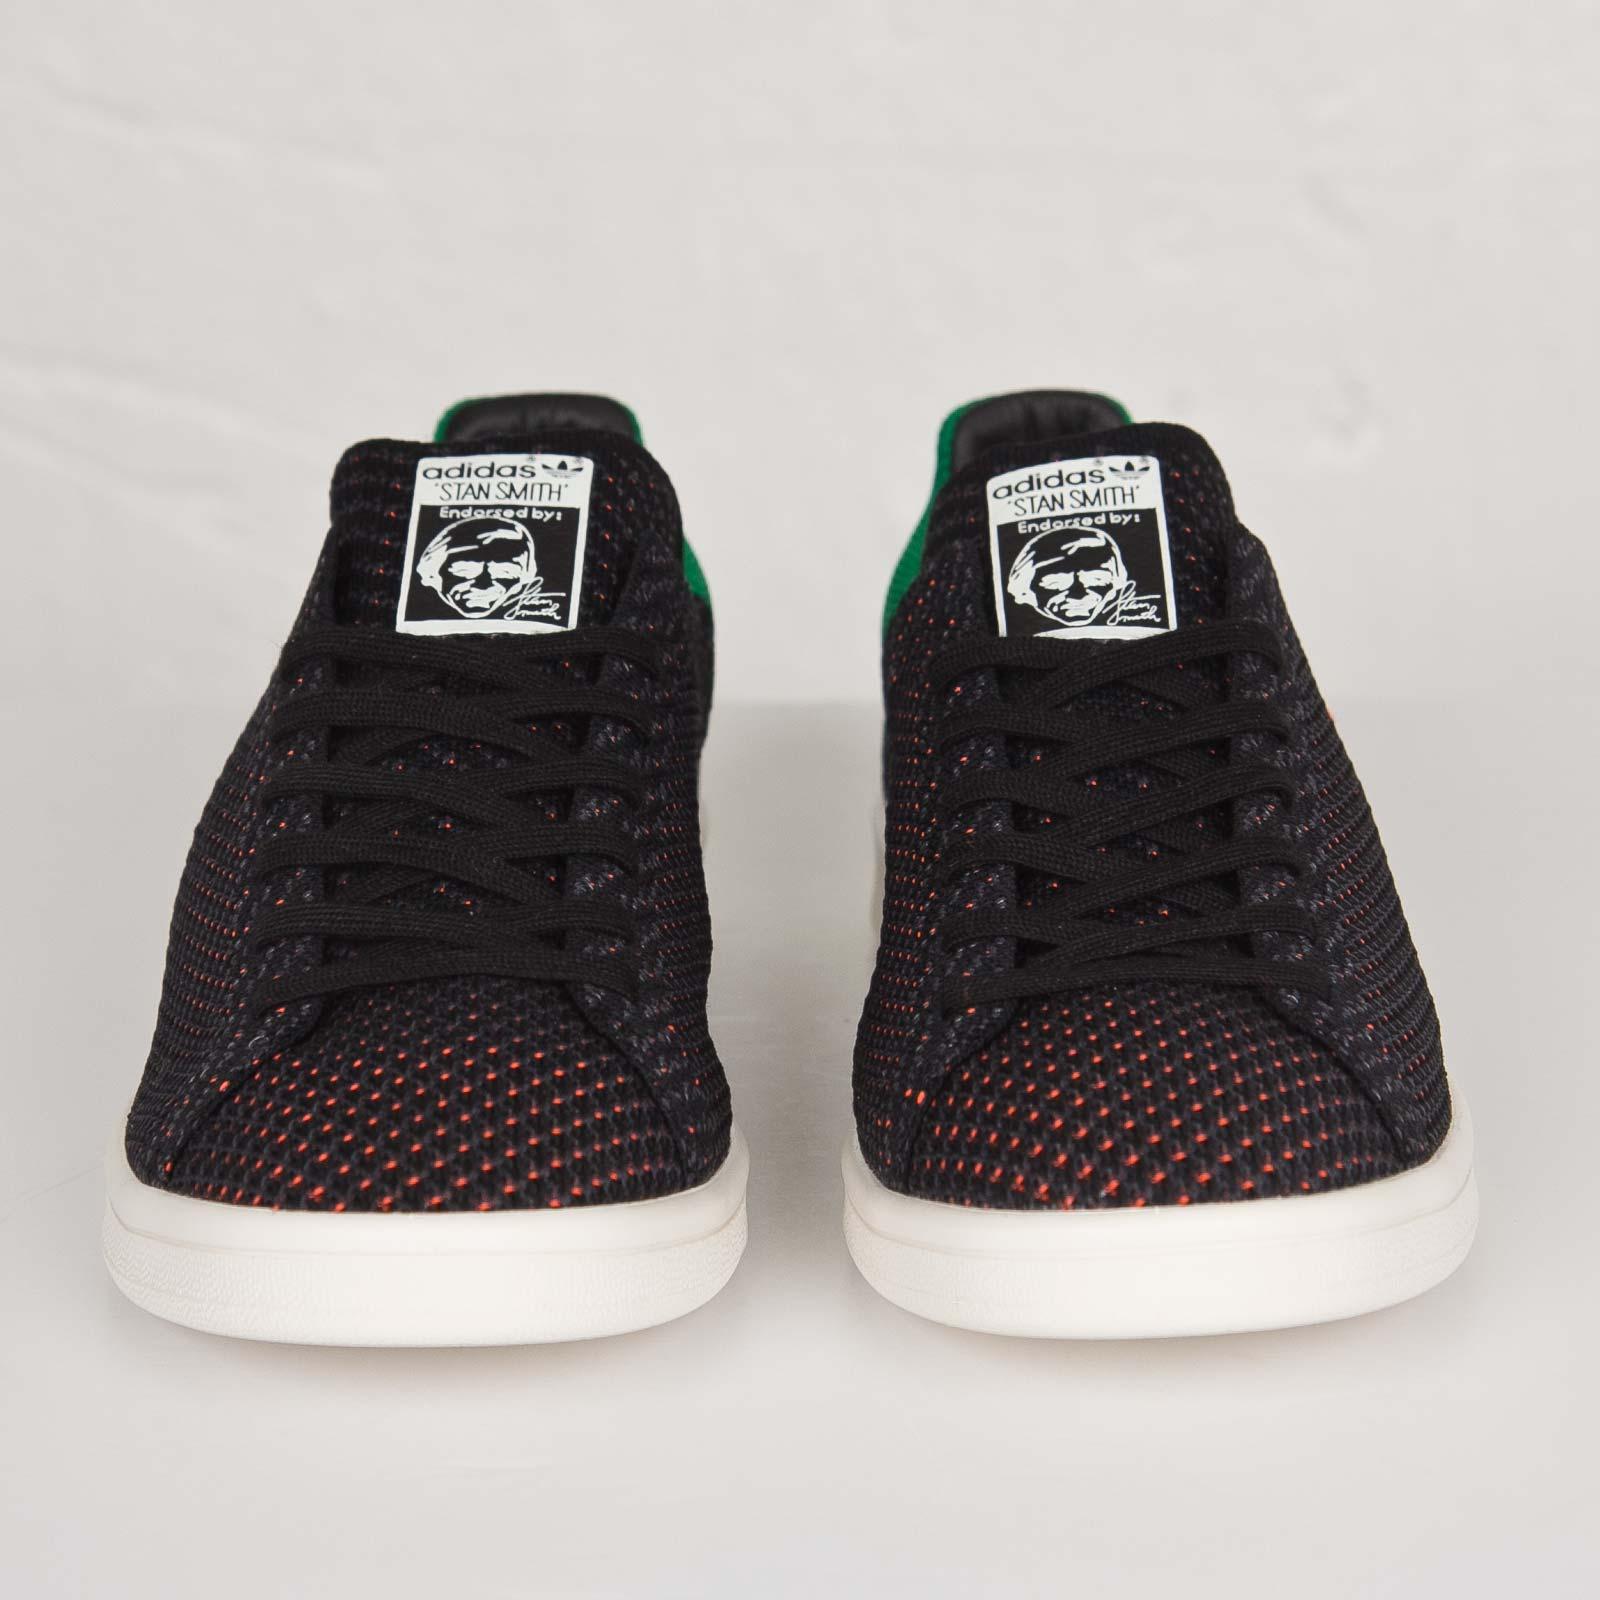 differently 379dd 4e305 adidas Stan Smith - Primeknit - S82633 - Sneakersnstuff   sneakers    streetwear online since 1999